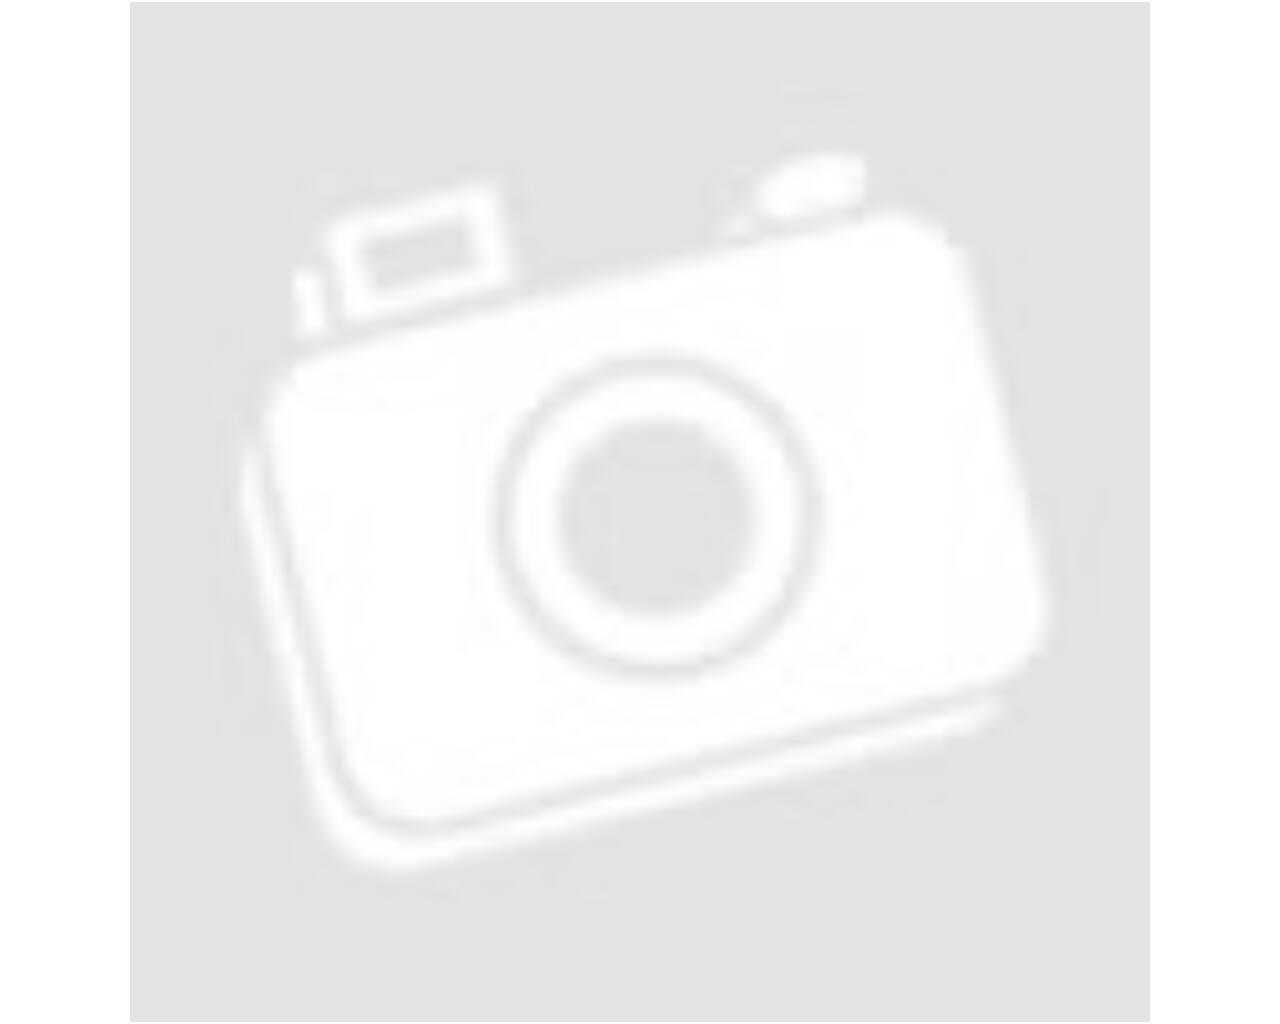 Zass Asztali ventilátor, 35 W, 3 sebesség, 30 cm, fekete